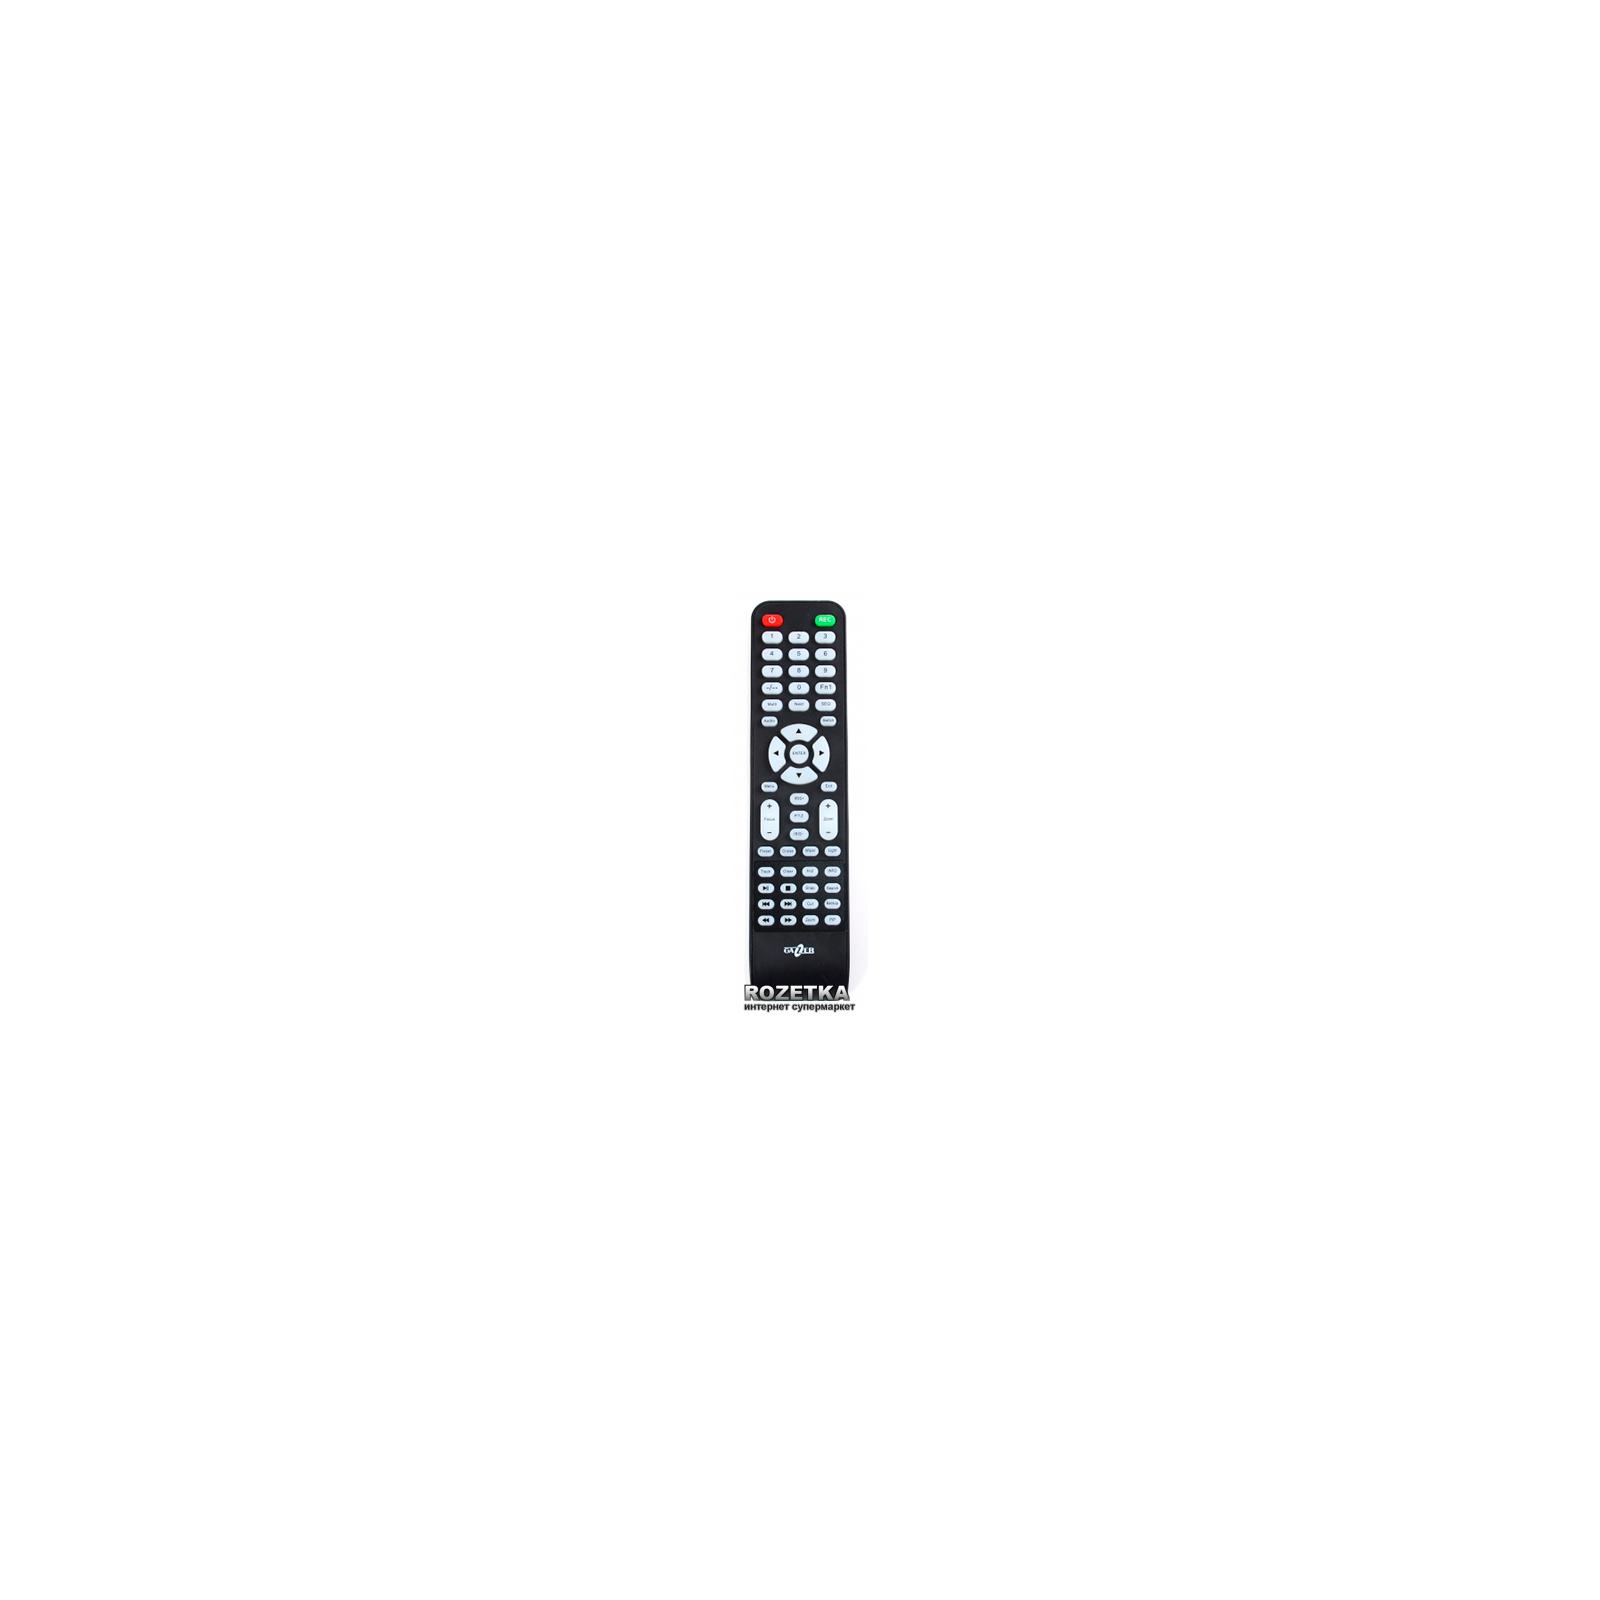 Регистратор для видеонаблюдения Gazer NS2216re изображение 4